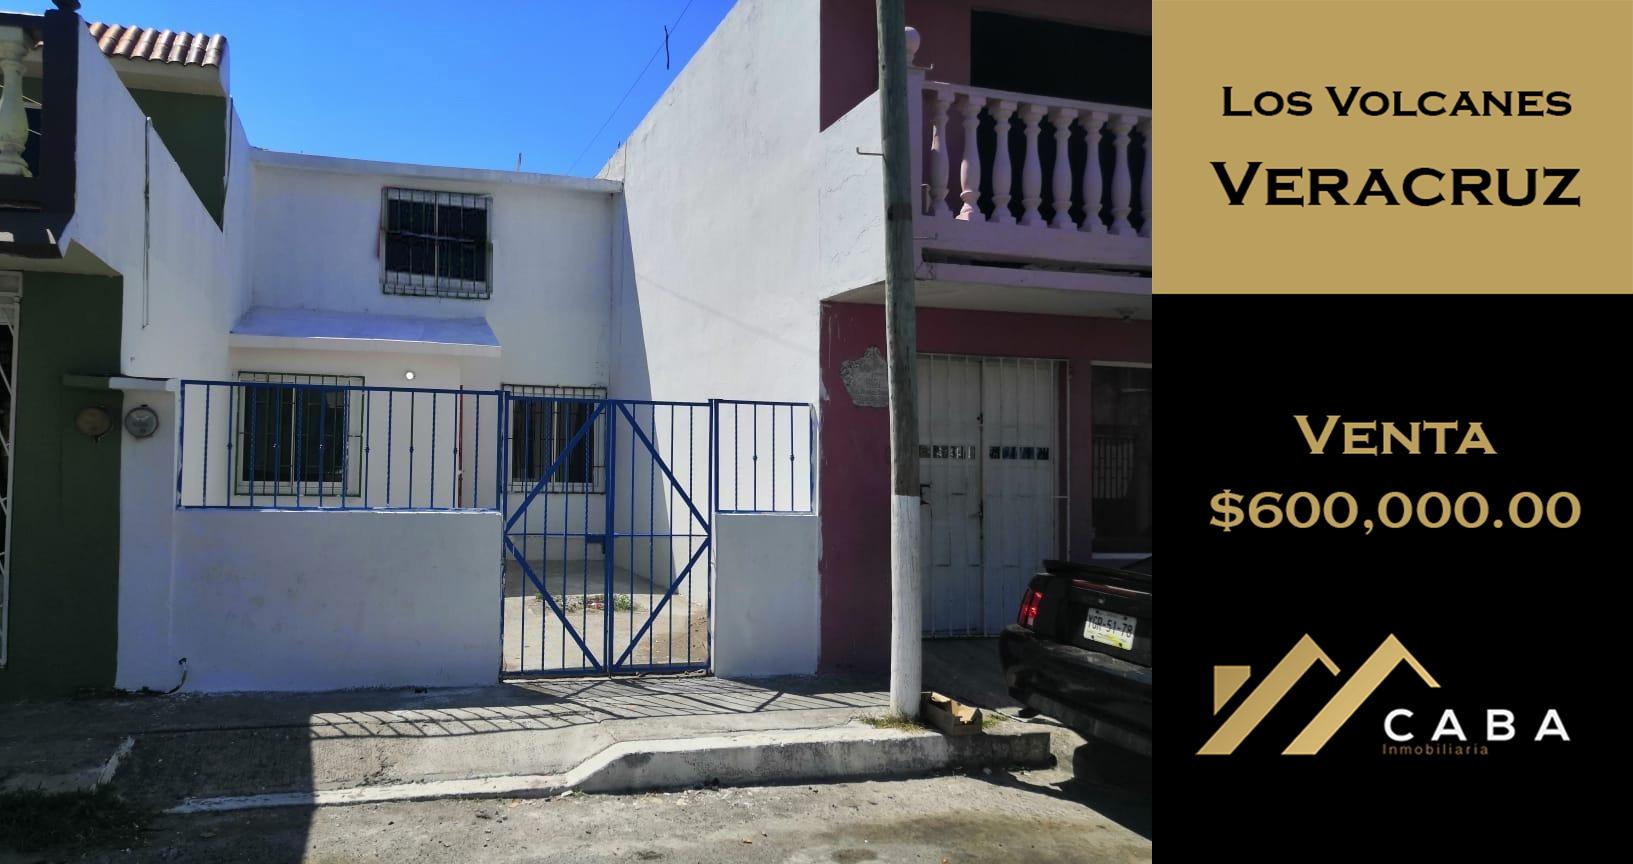 Casa en Venta en Fracc. Los Volcanes, Veracruz, Ver.